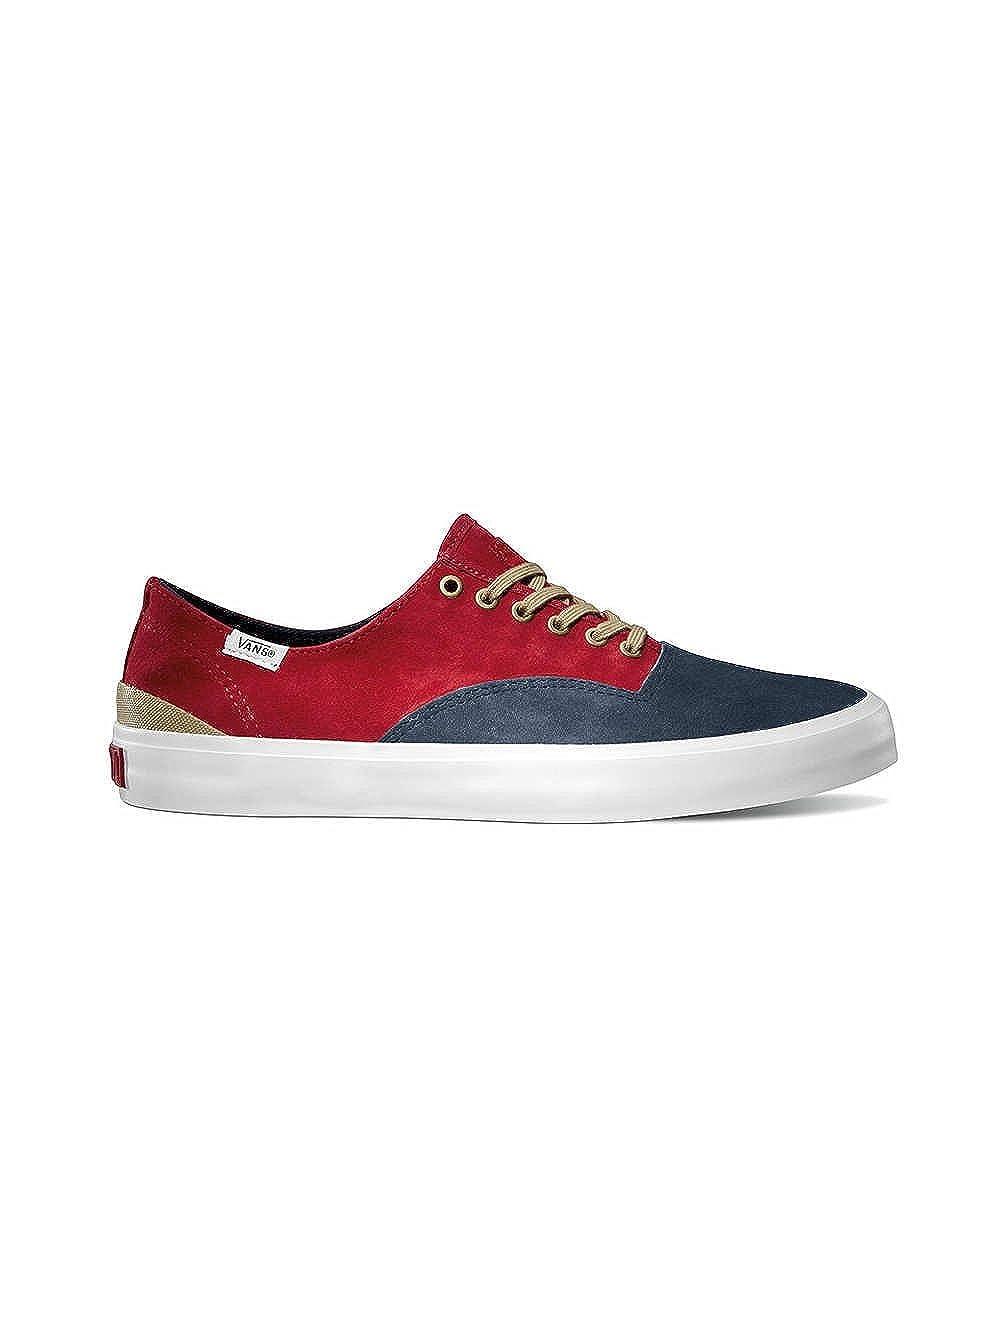 7bee48360984a6 Sneaker Men Vans Prescott  Amazon.co.uk  Shoes   Bags